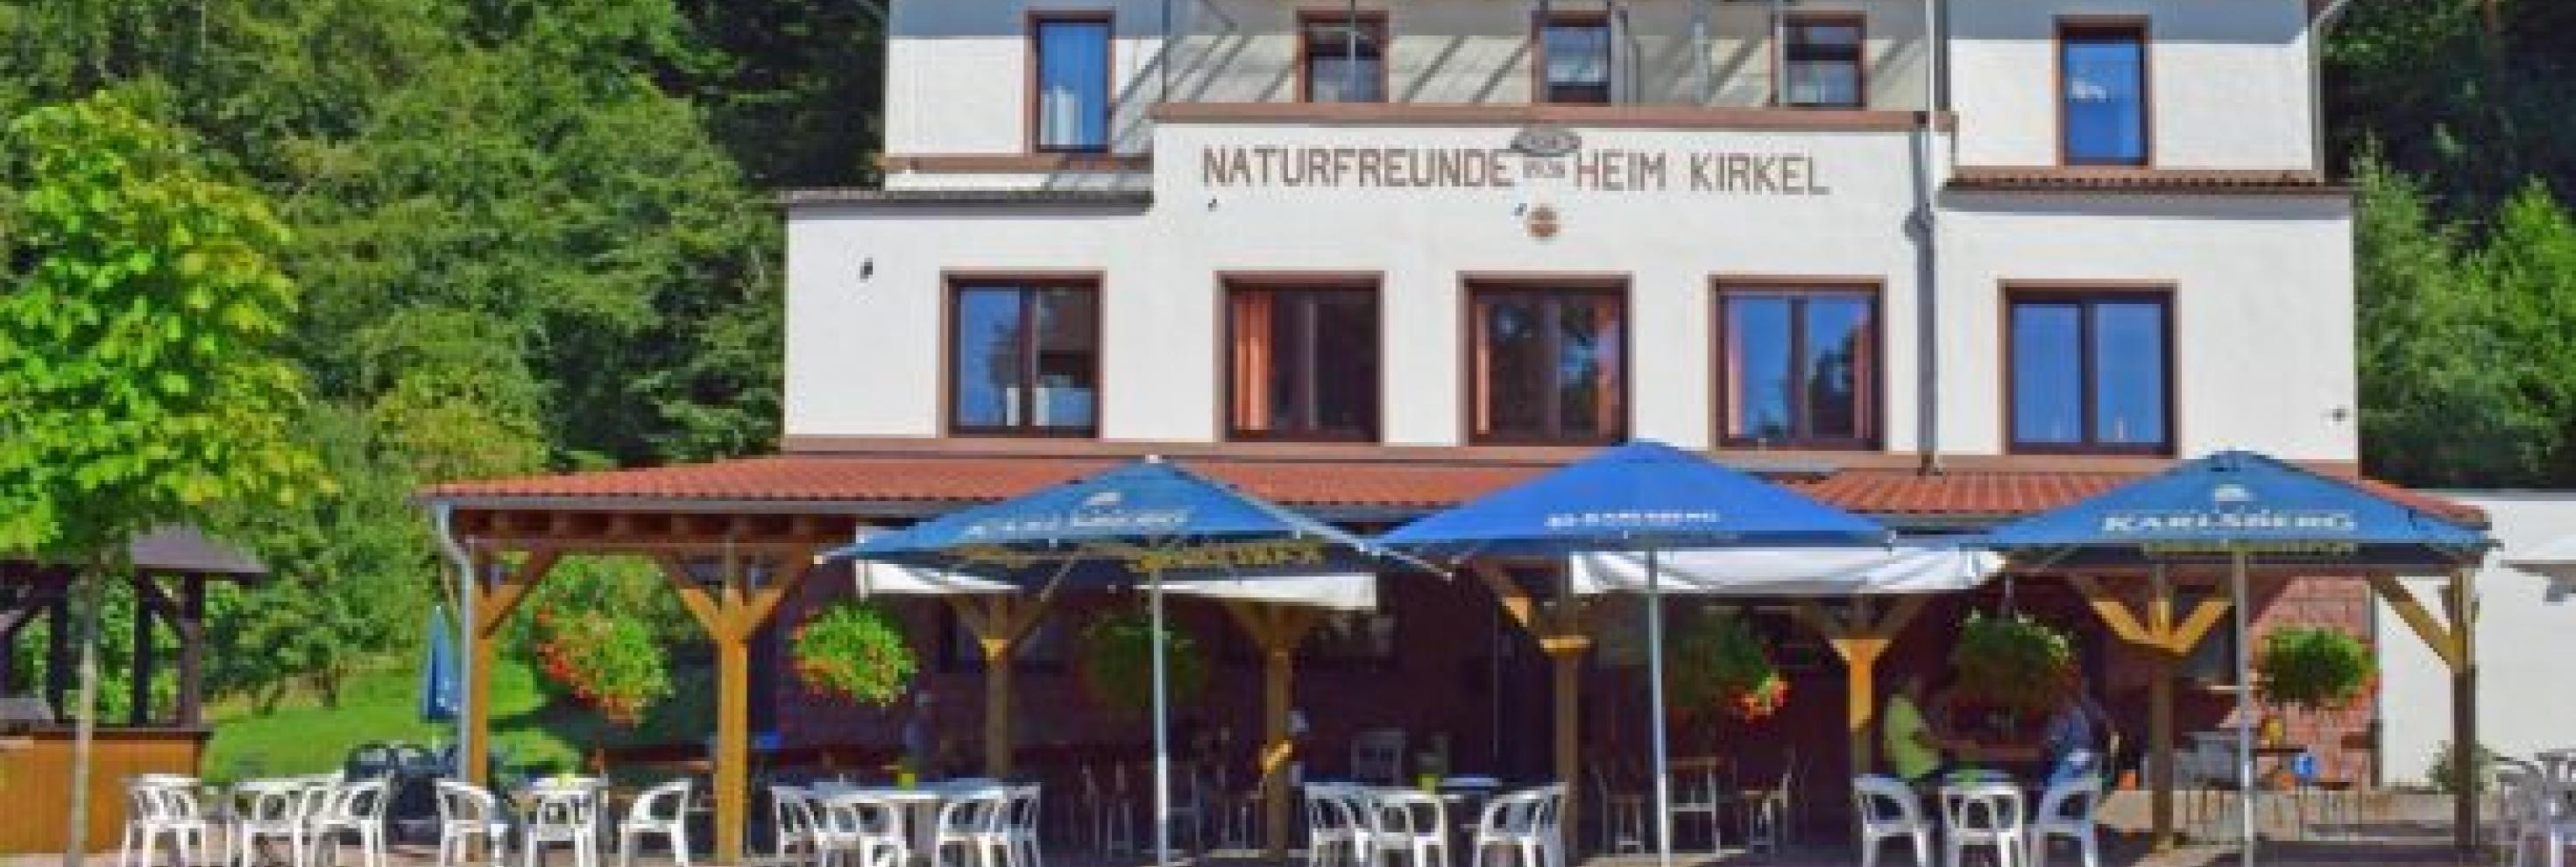 NaturFreundehaus Kirkel